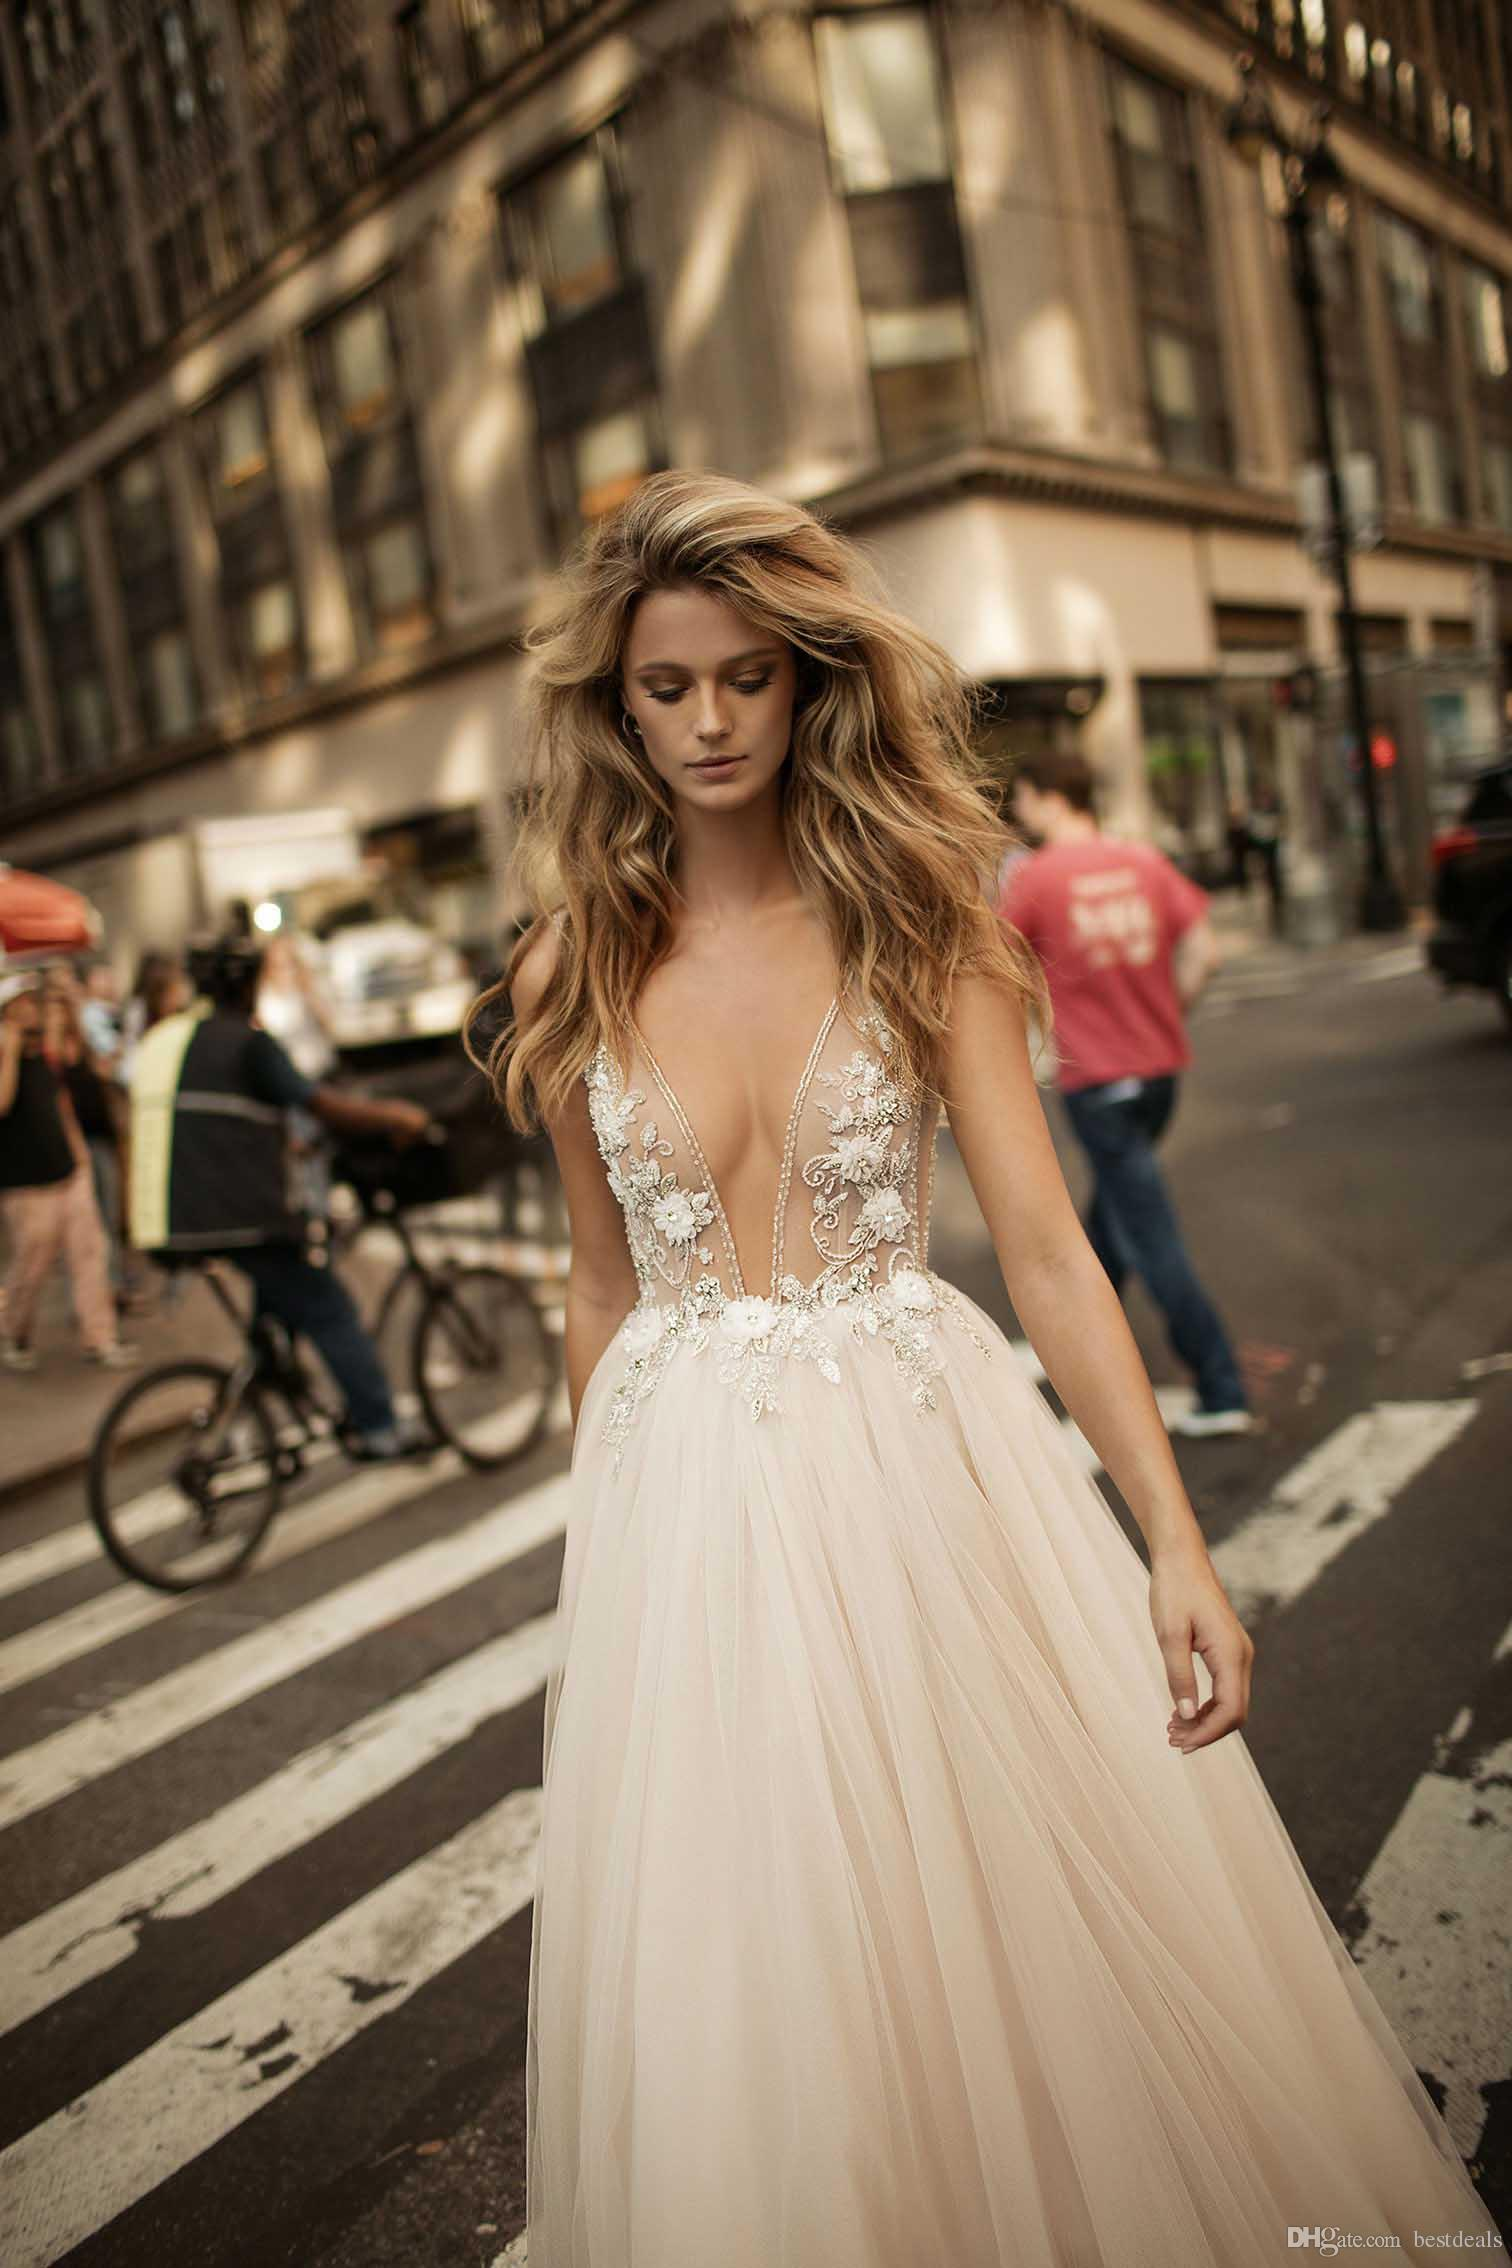 Берта 2020 Sexy Глубокий V шеи See-через свадебные платья из бисера Цветы Полный Тюль линия Свадебные платья выполненный на заказ пляж свадебные платья